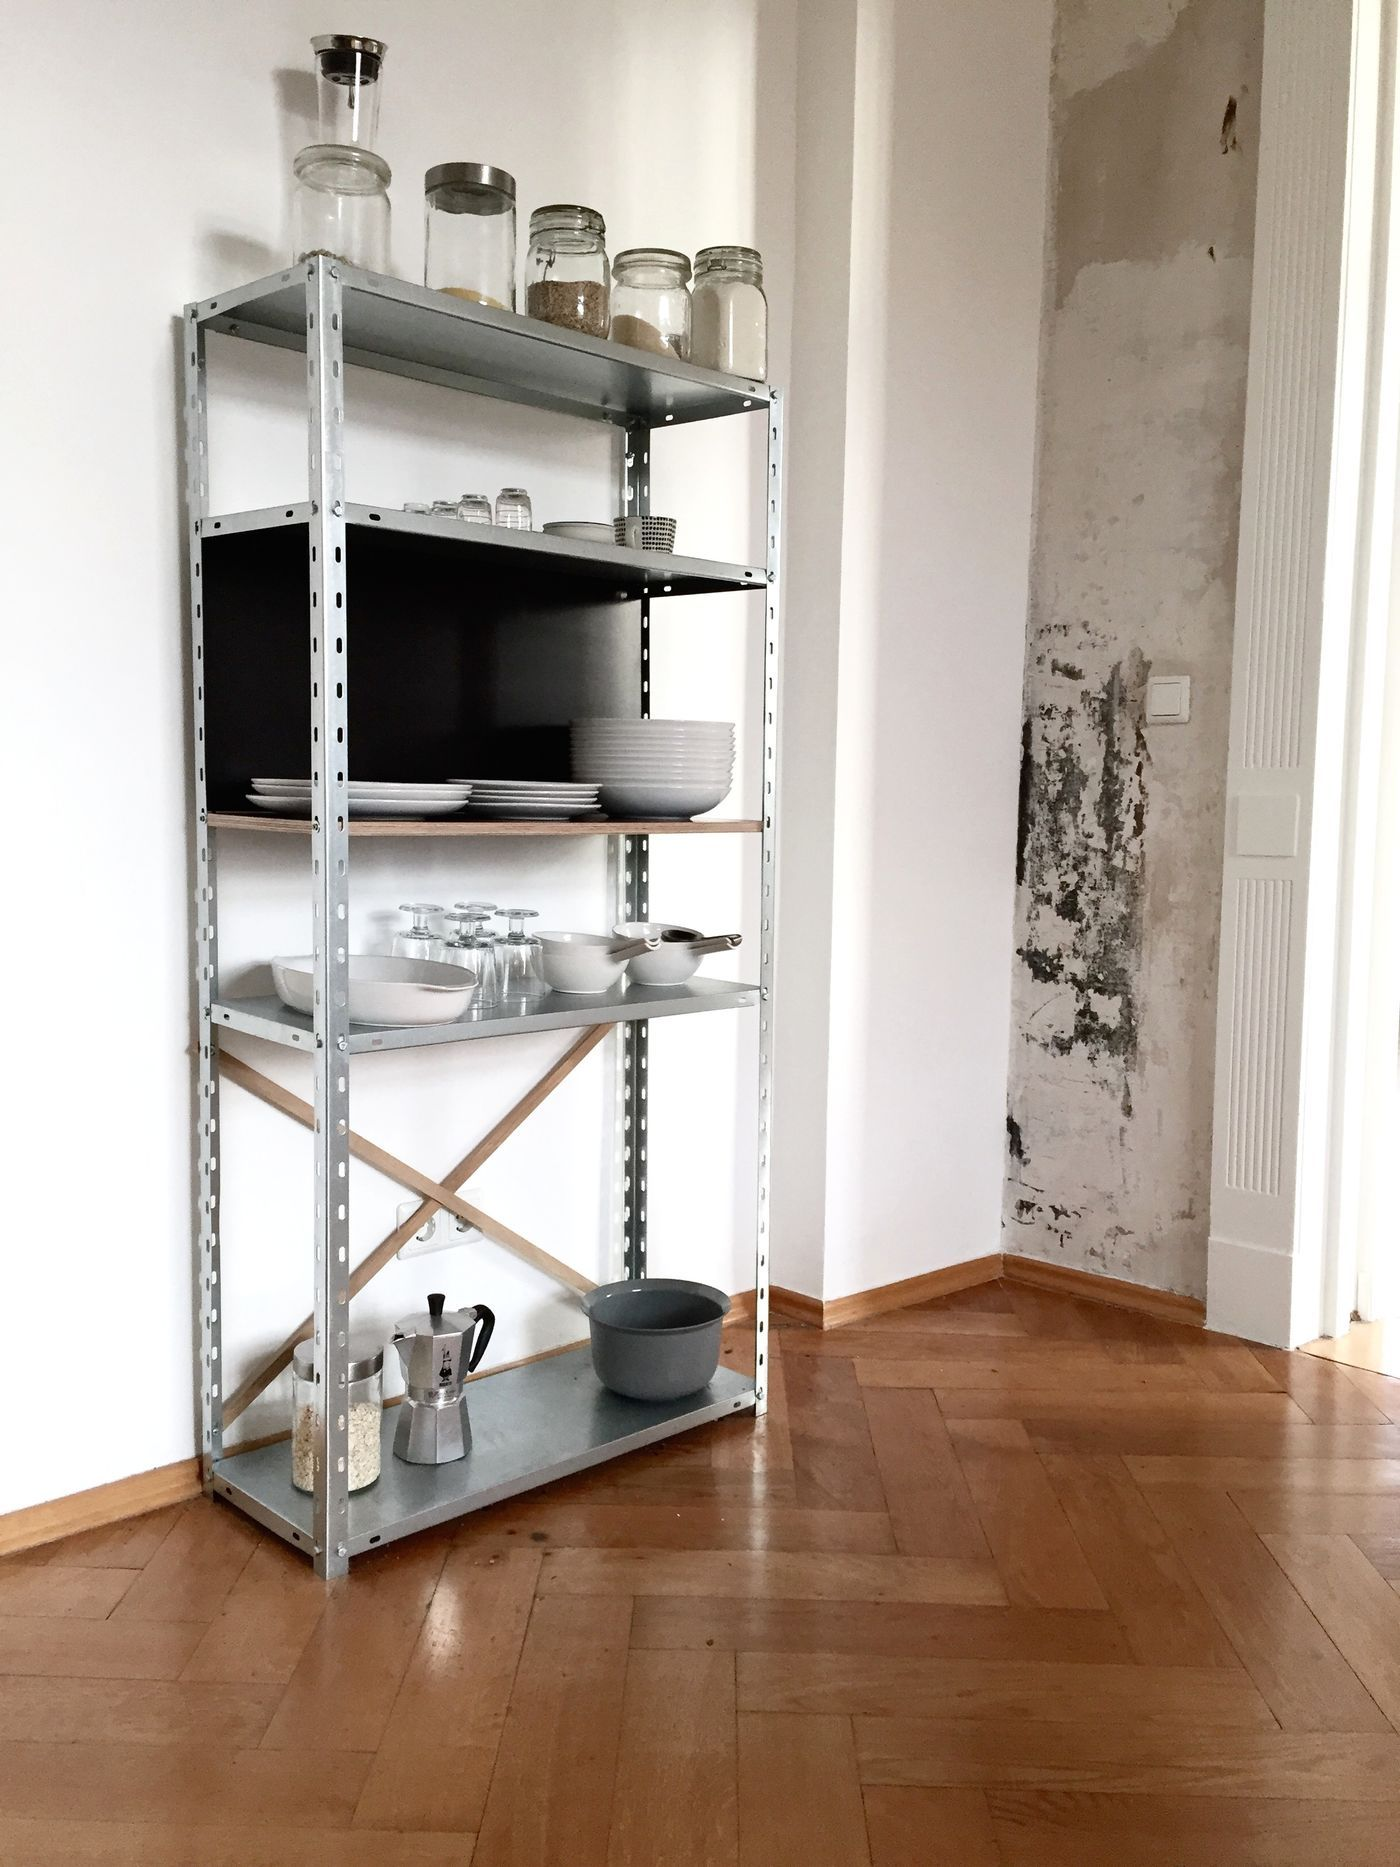 Ziemlich Großküchen Ausrüster Brisbane Galerie - Küchen Design Ideen ...